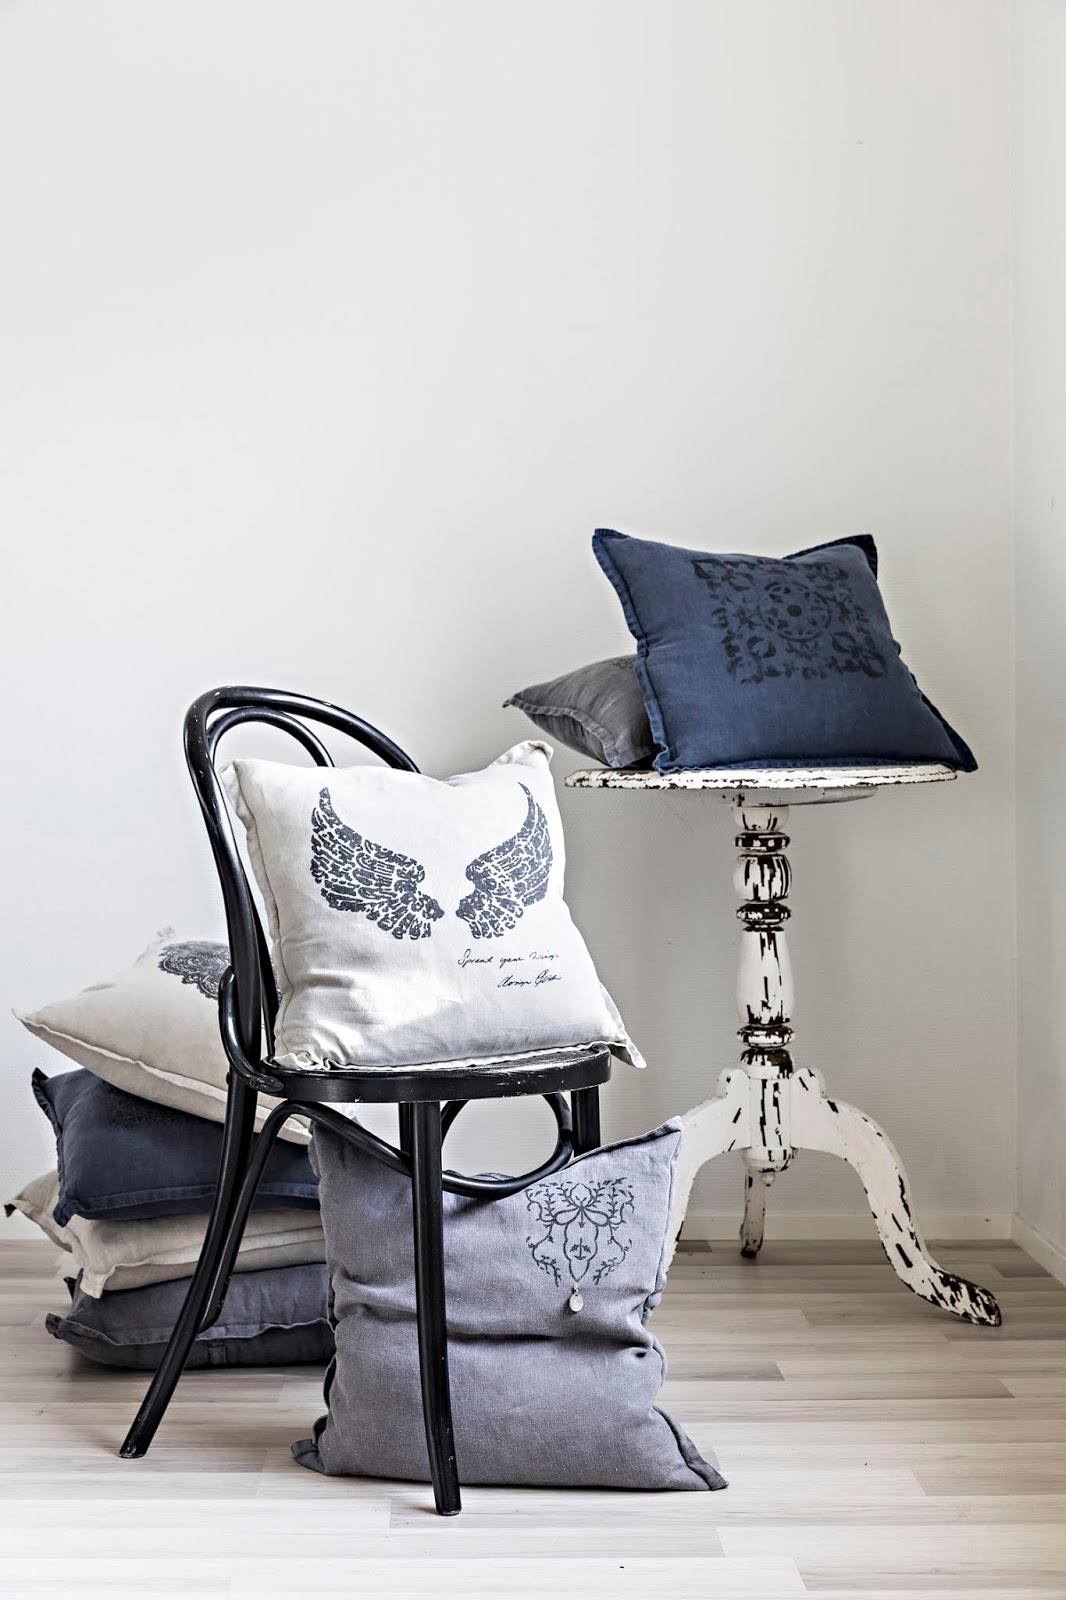 Pellava, pellavatyyny, linen, kodin tekstiili, sisustustyyny, tyyny, käsityö, käsin painettu, painotyö, kankaanpainanta, siivet, Frida Steiner